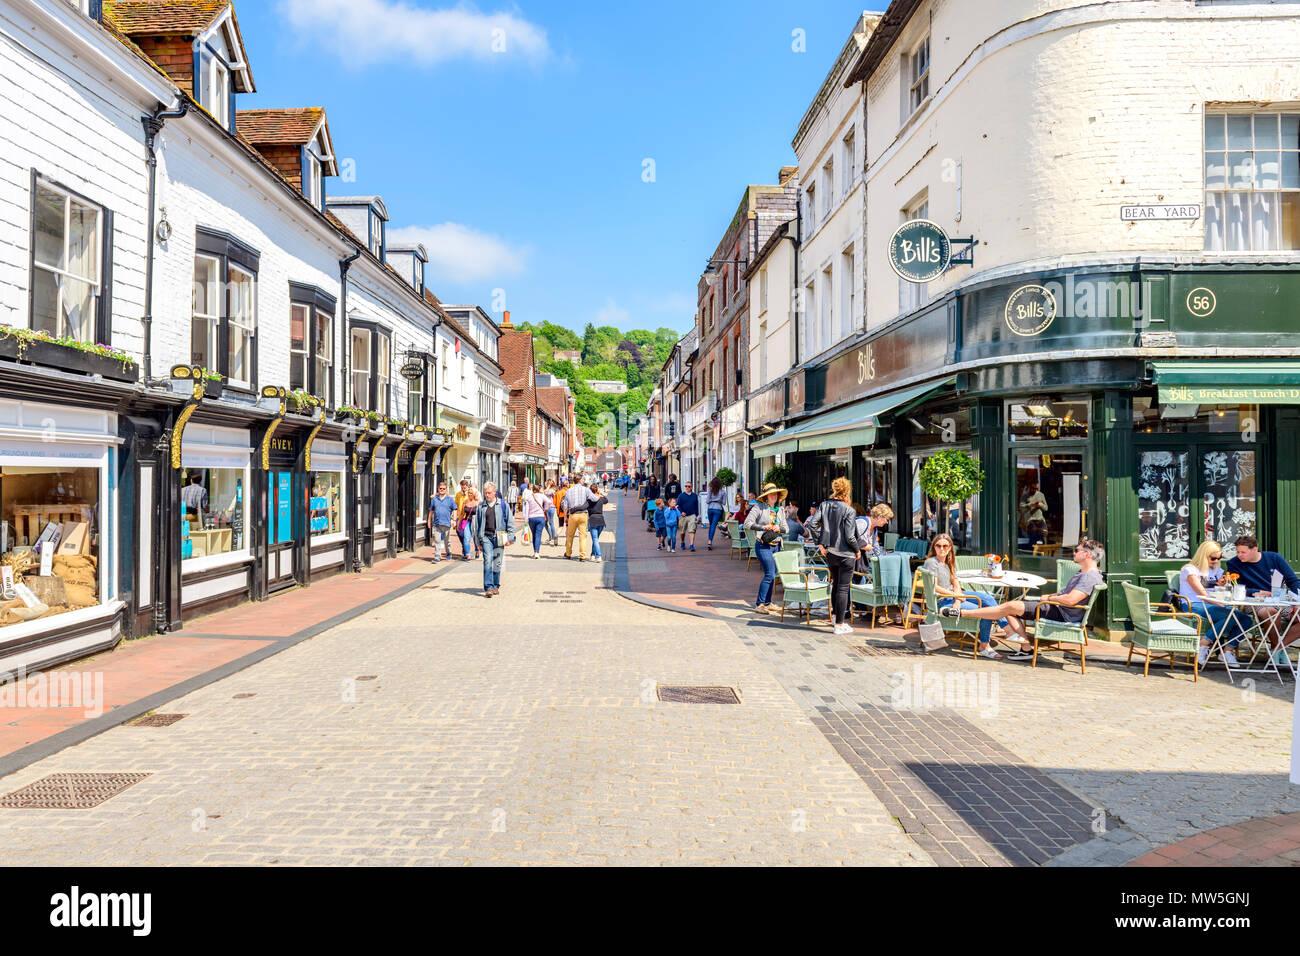 Die High Street, Lewes, einer verkehrsberuhigten Einkaufsstraße Stockbild